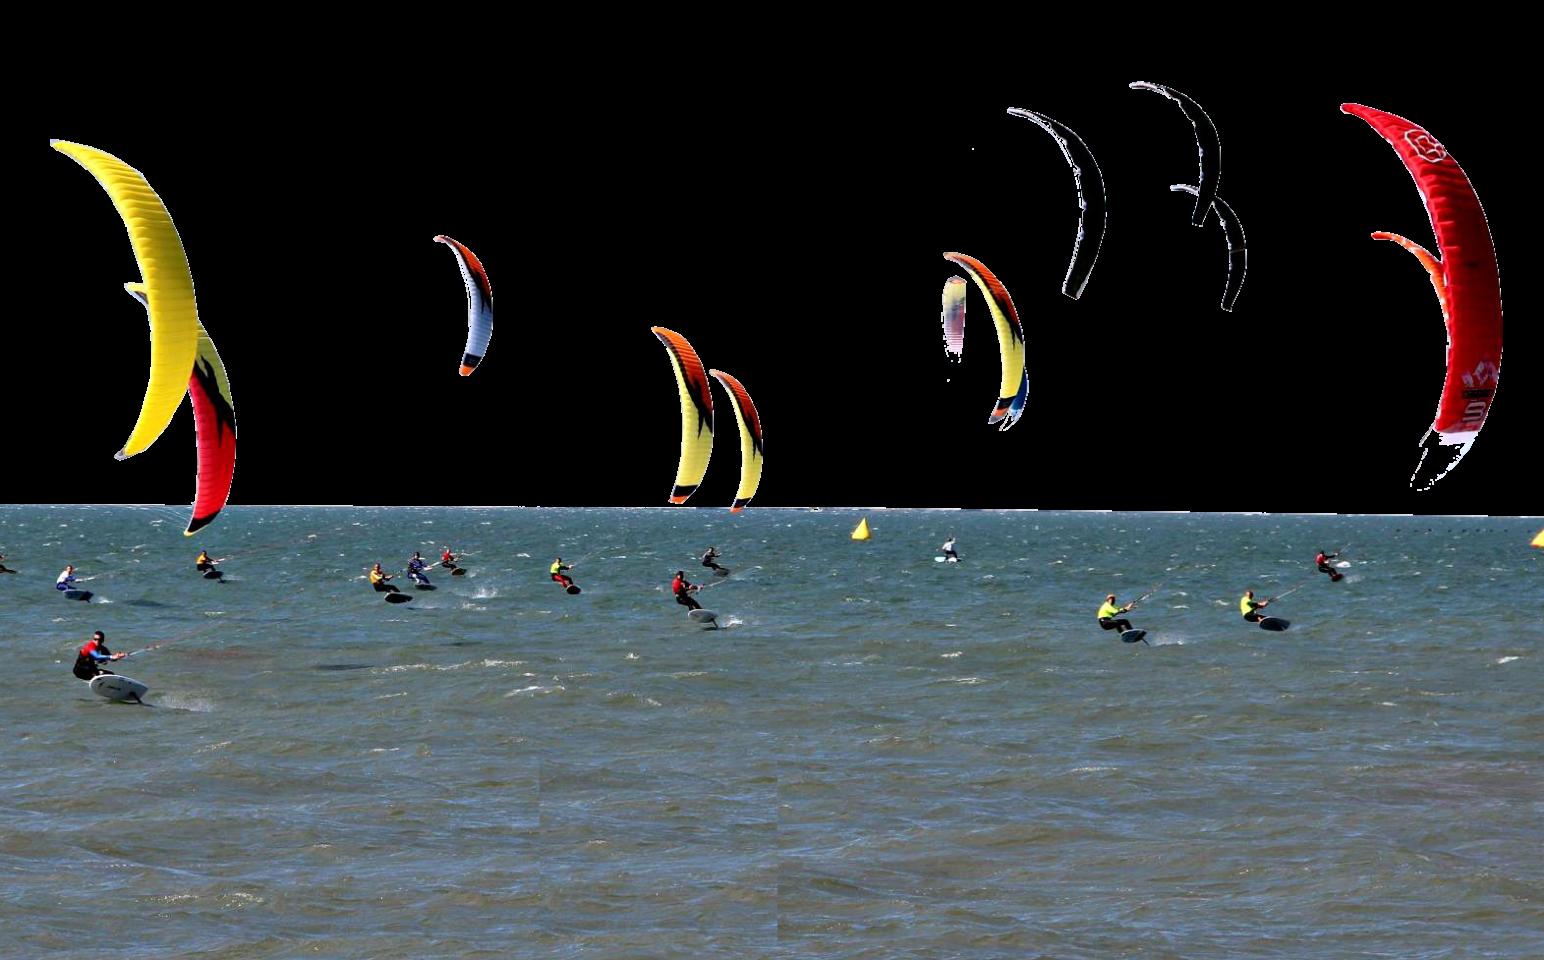 Kite Foil Gold Cup 2016 in Calabria Gizzeria